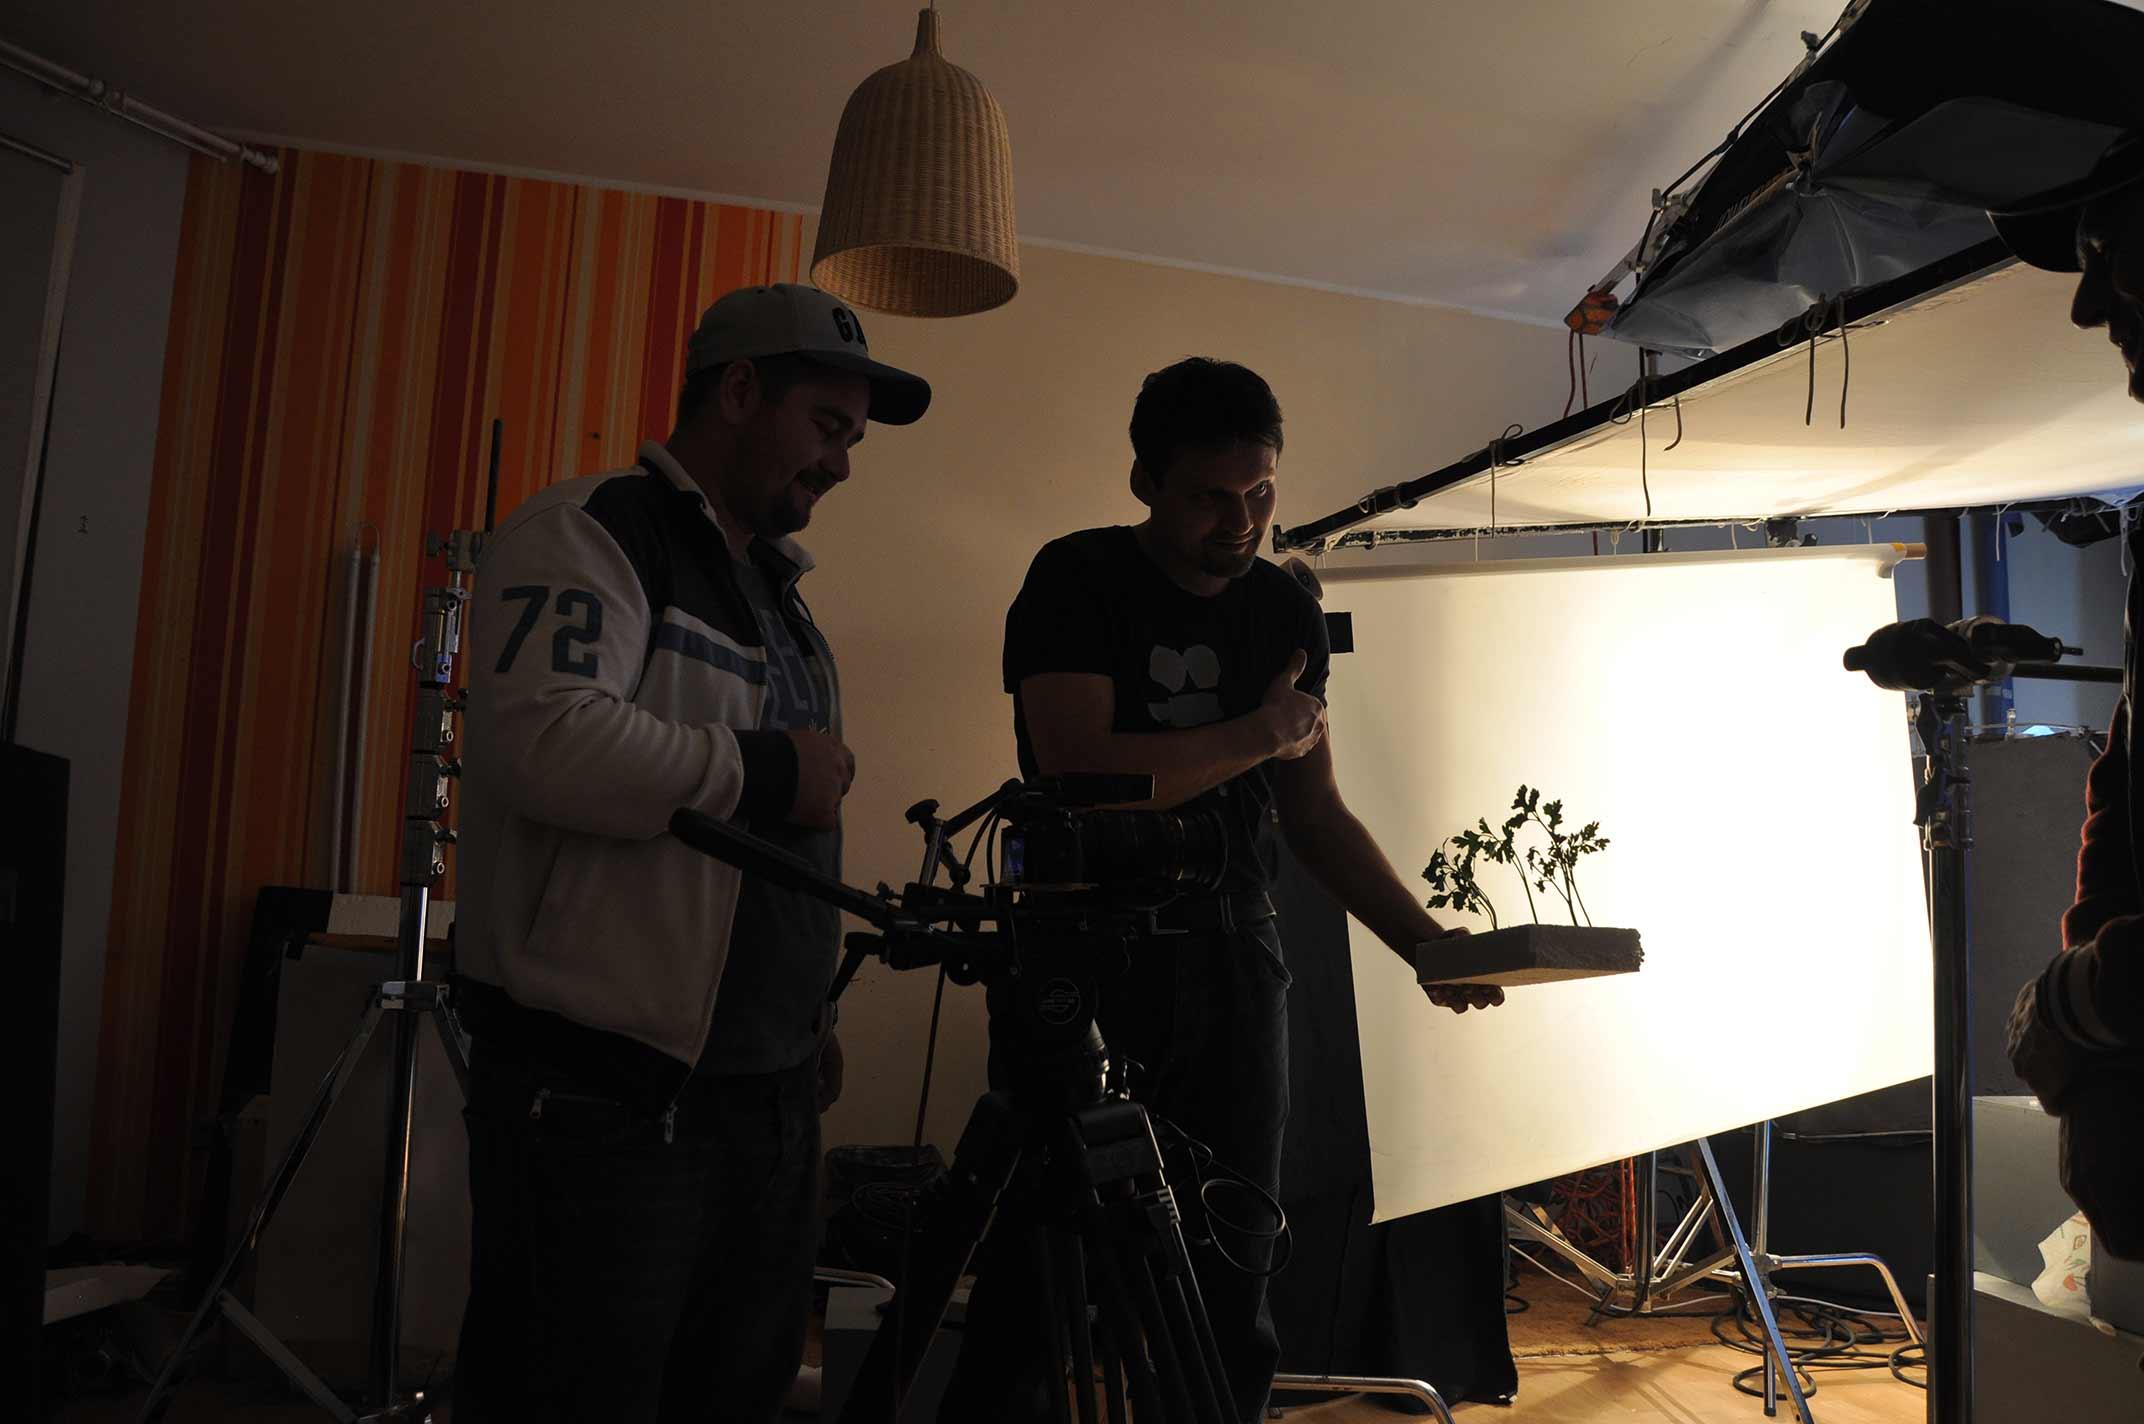 Процесс съемок видеоролика